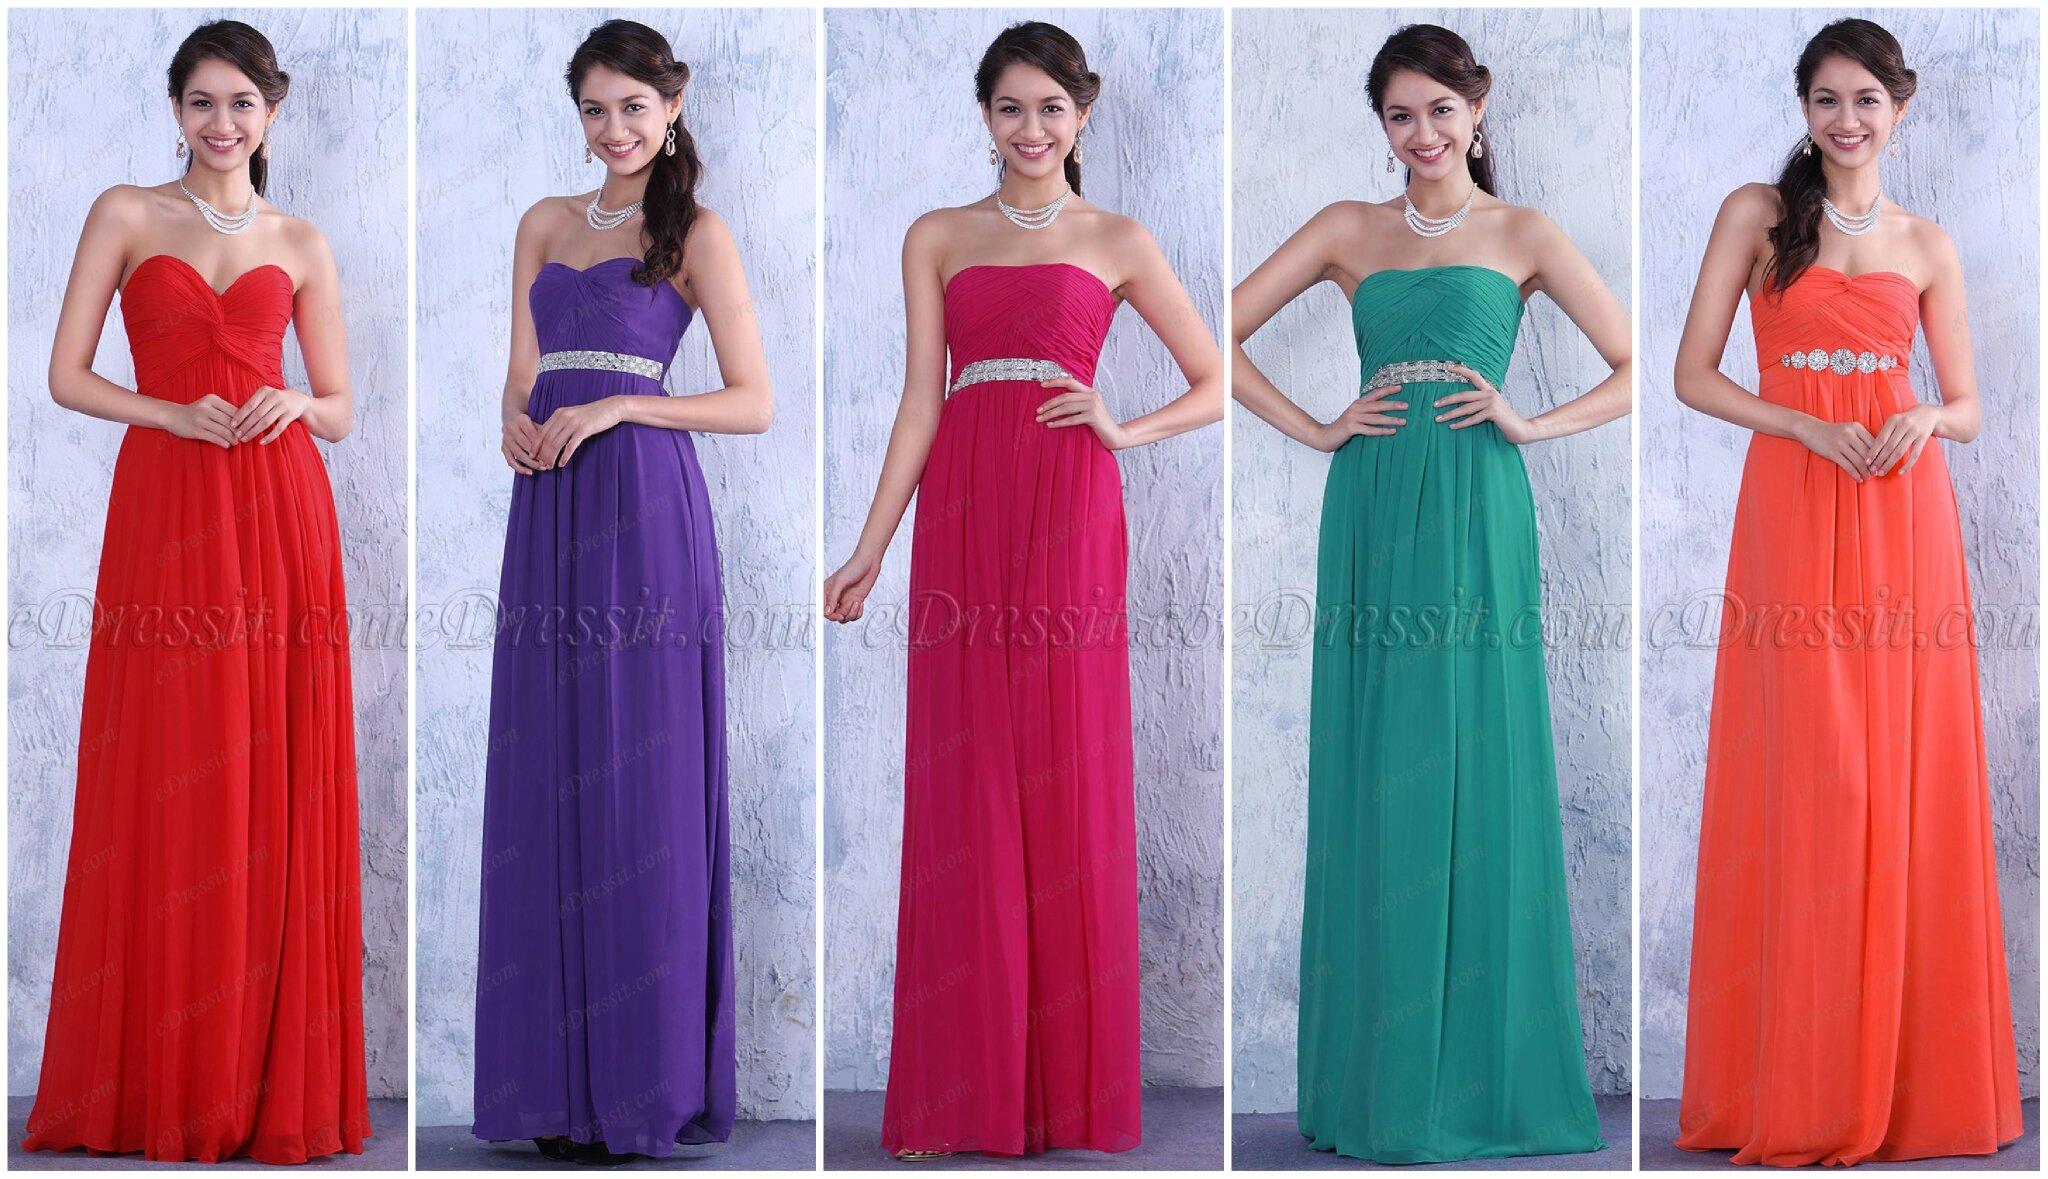 Belles robes demoiselle d honneur la collection pour votre intimes edressit r ve d 39 enfance - Robe de demoiselle d honneur pour un mariage ...